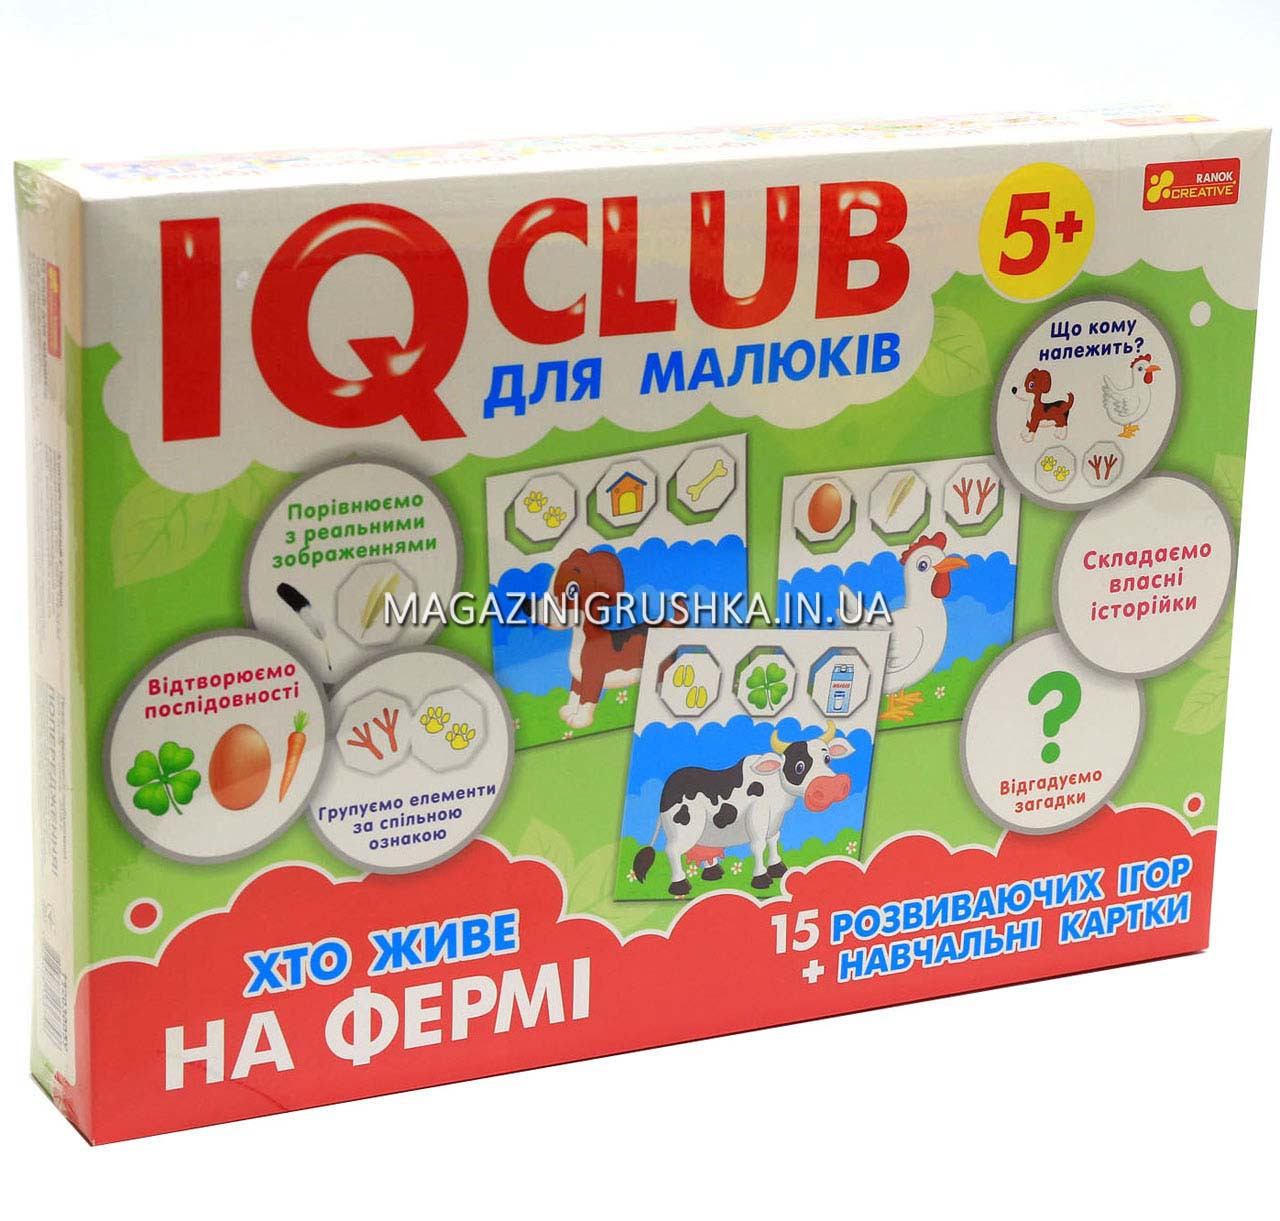 Обучающие пазлы IQ-club «Кто живет на ферме» укр Ранок креатив 13203005У